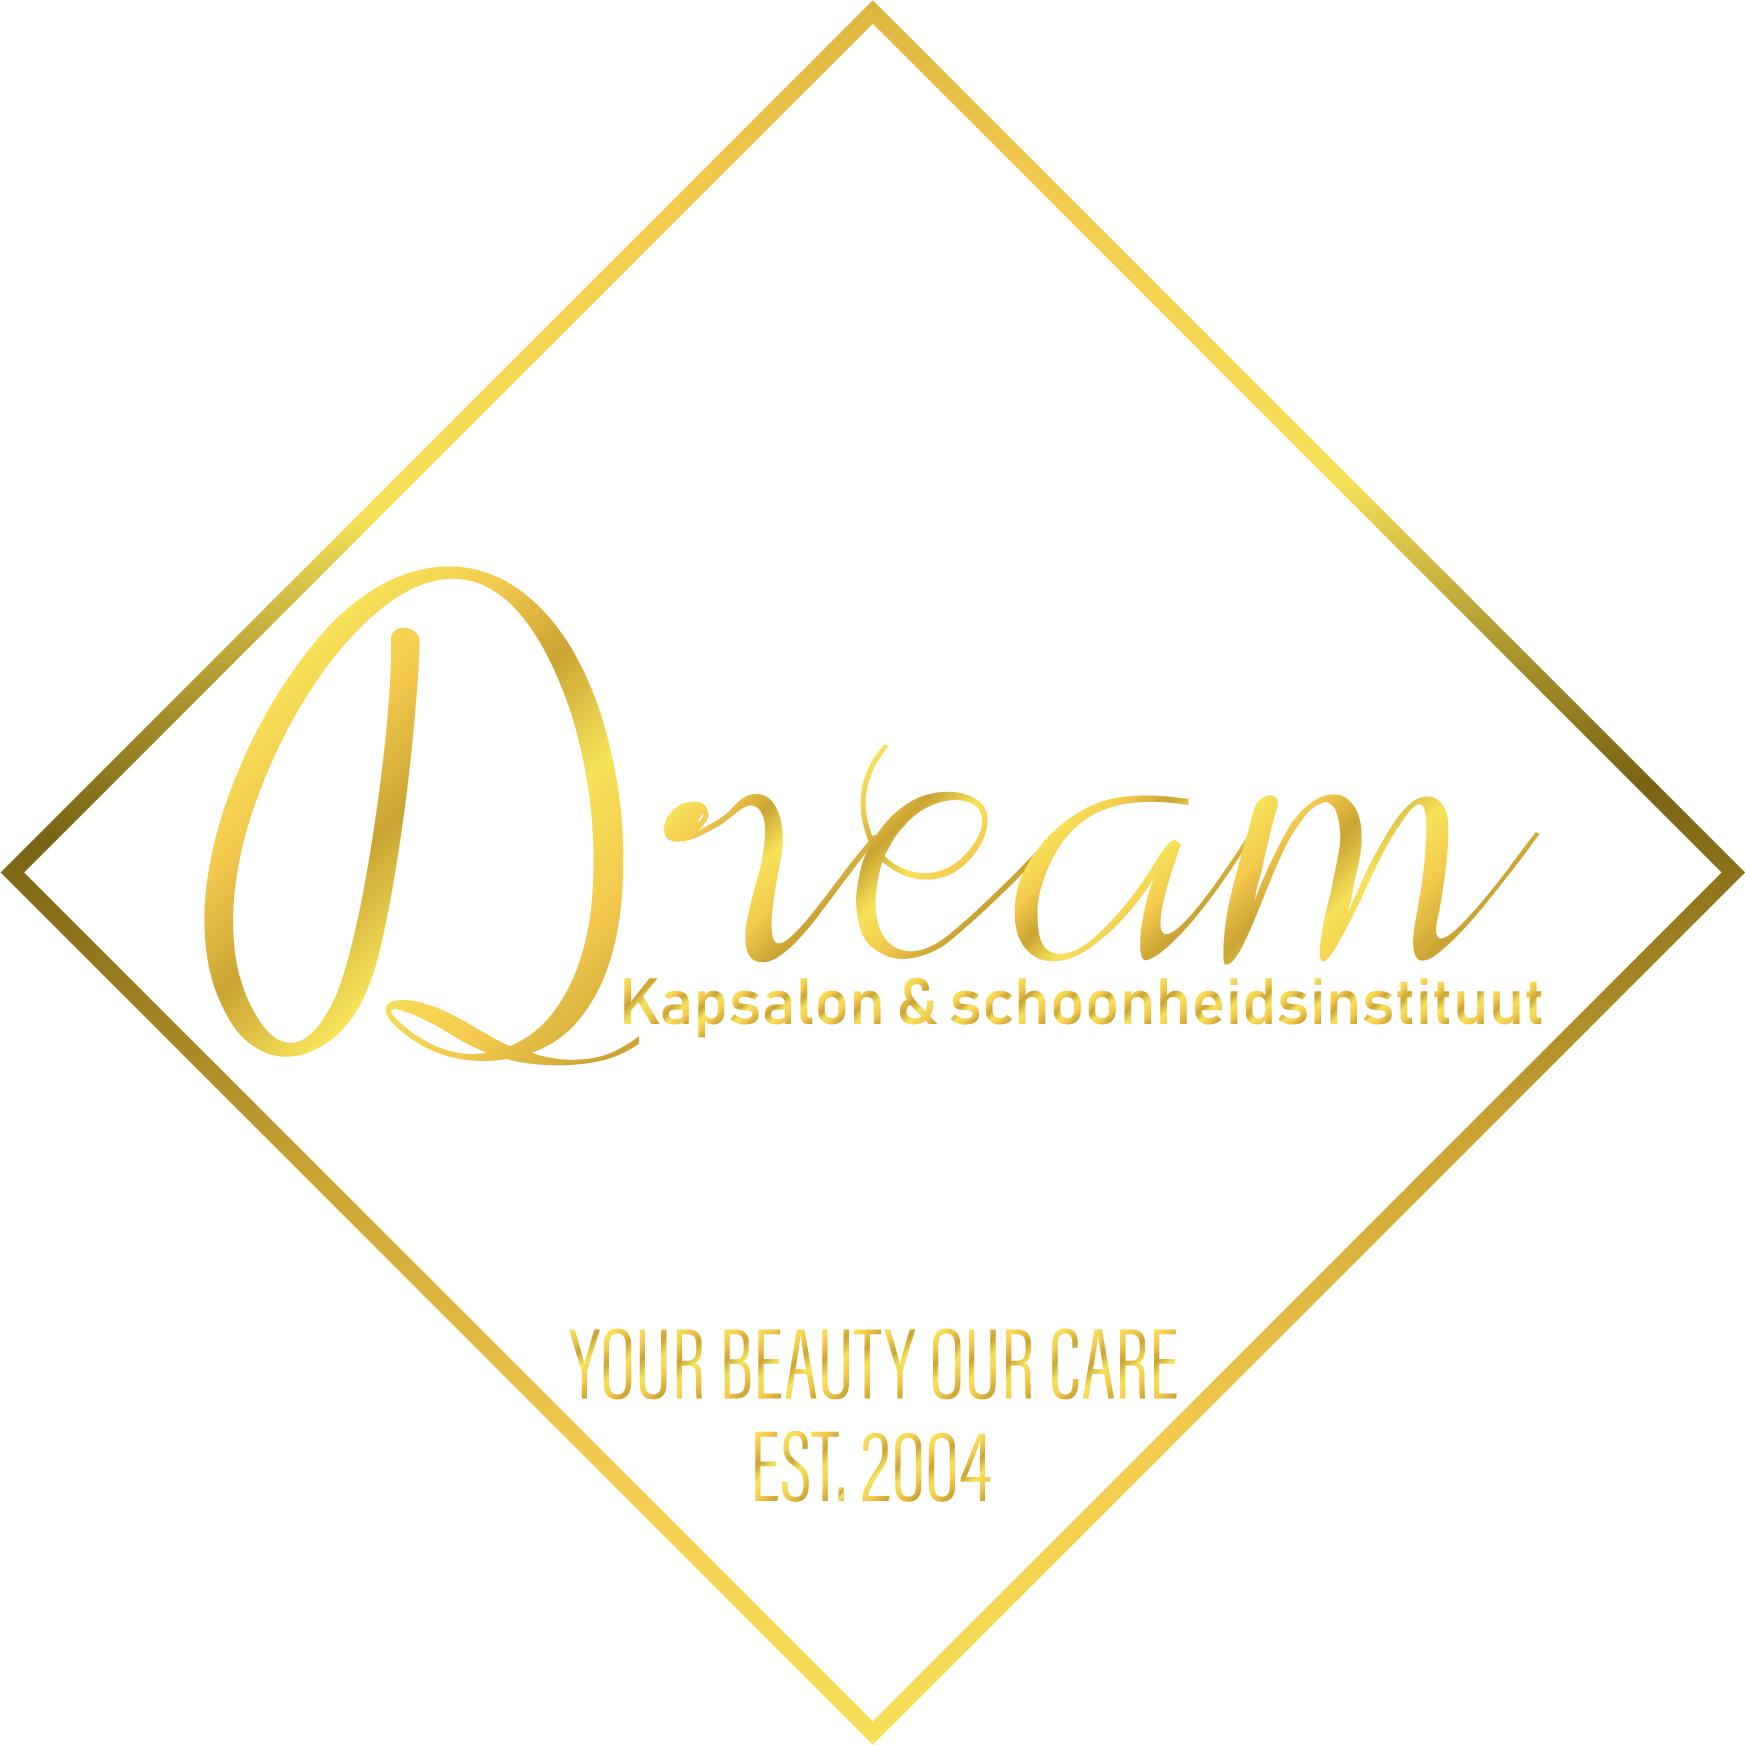 Kapper Middelburg - Kapsalon Dream kapsalon & schoonheidsinstituut